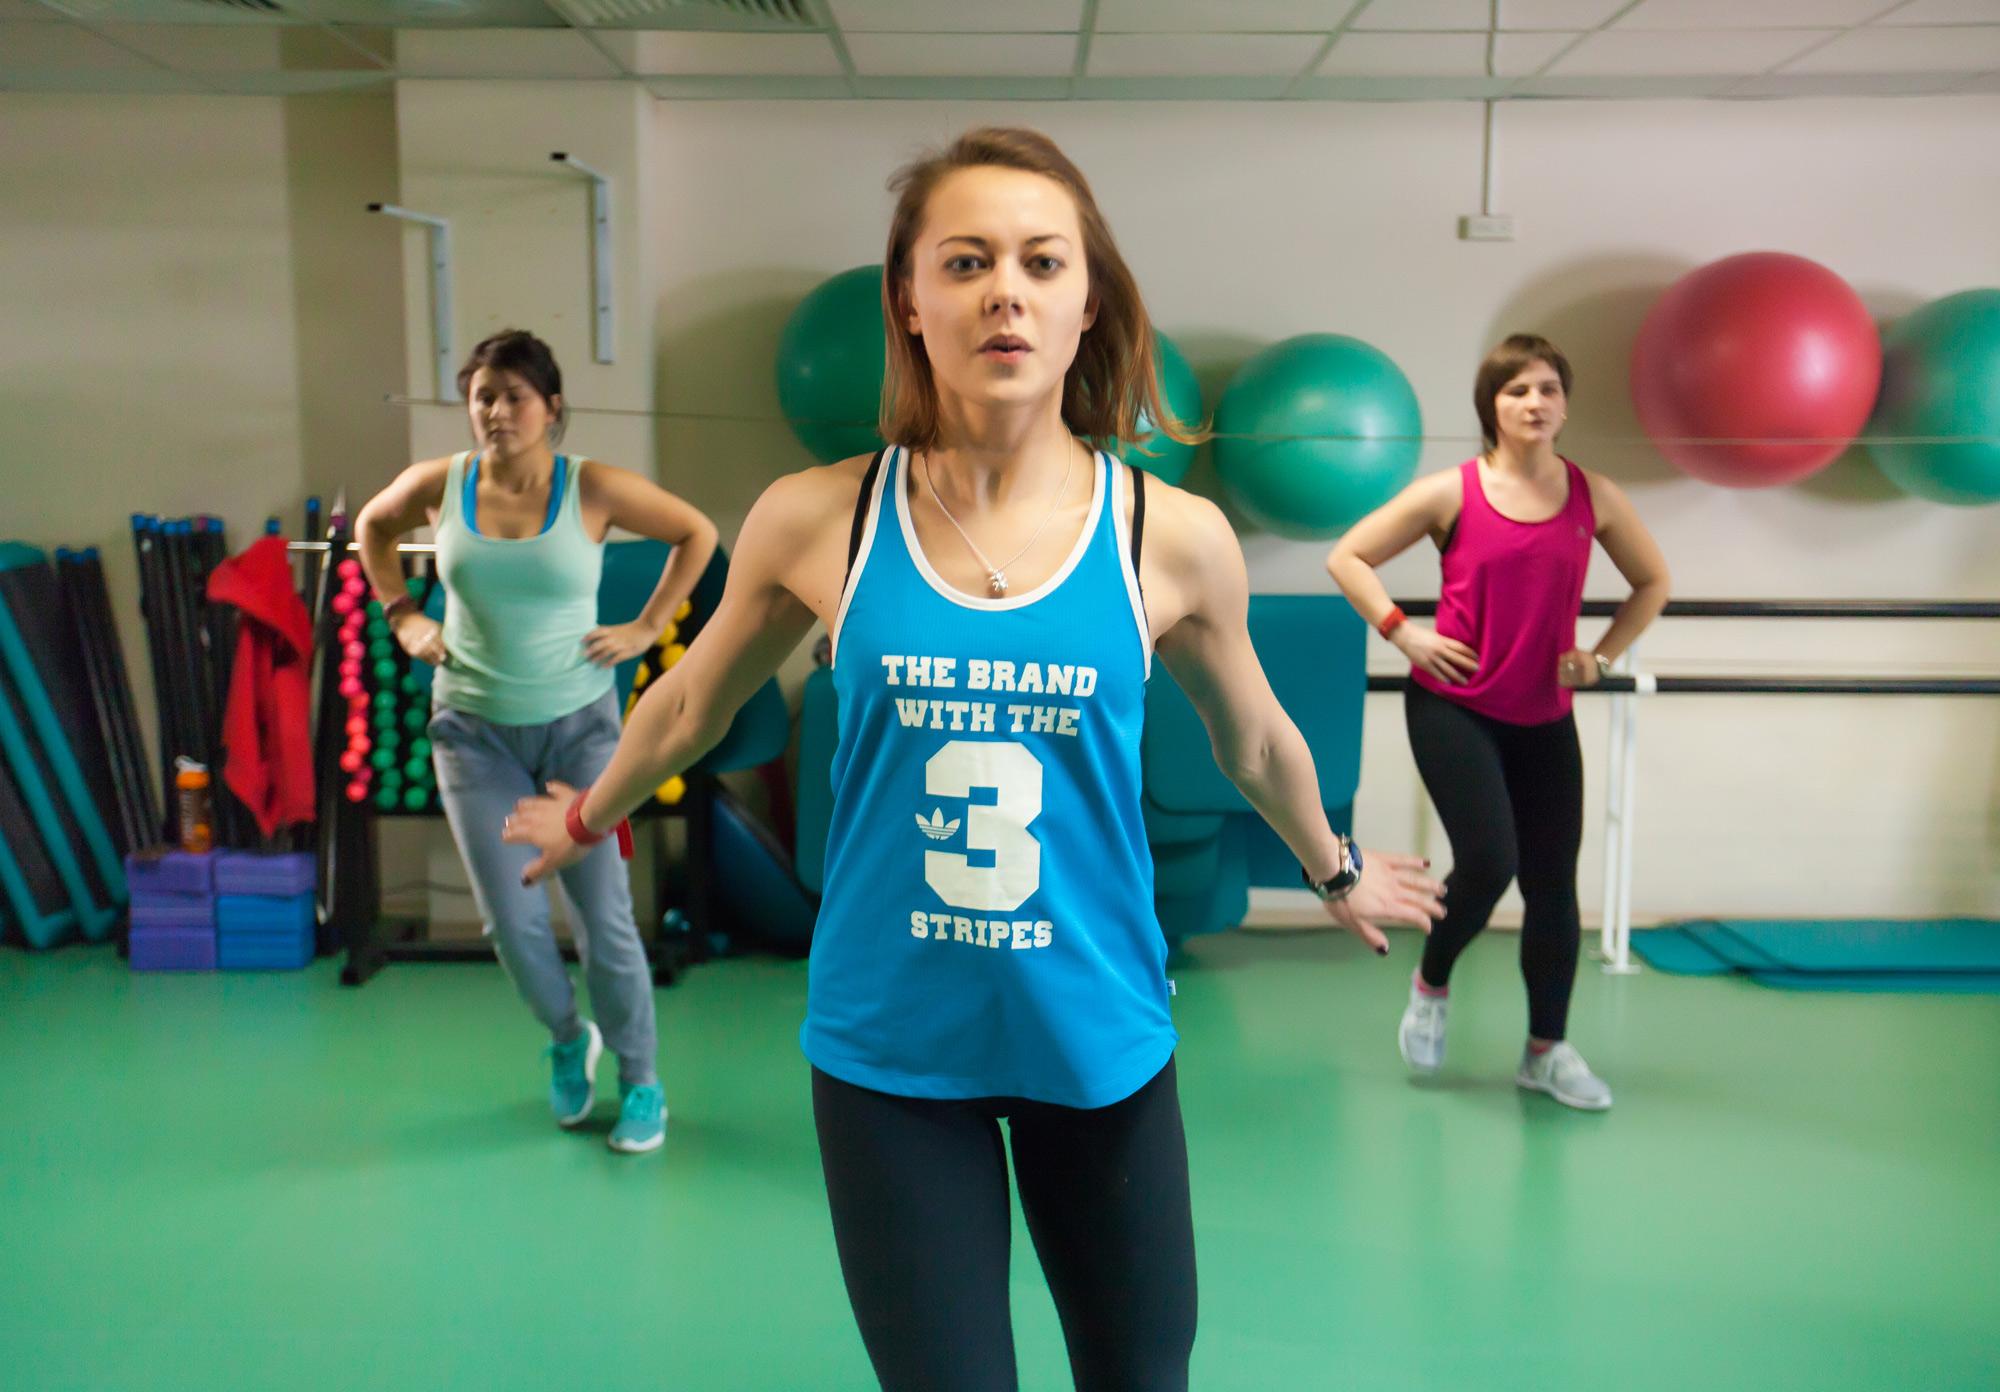 Как стать инструктором по фитнесу - советы начинающим